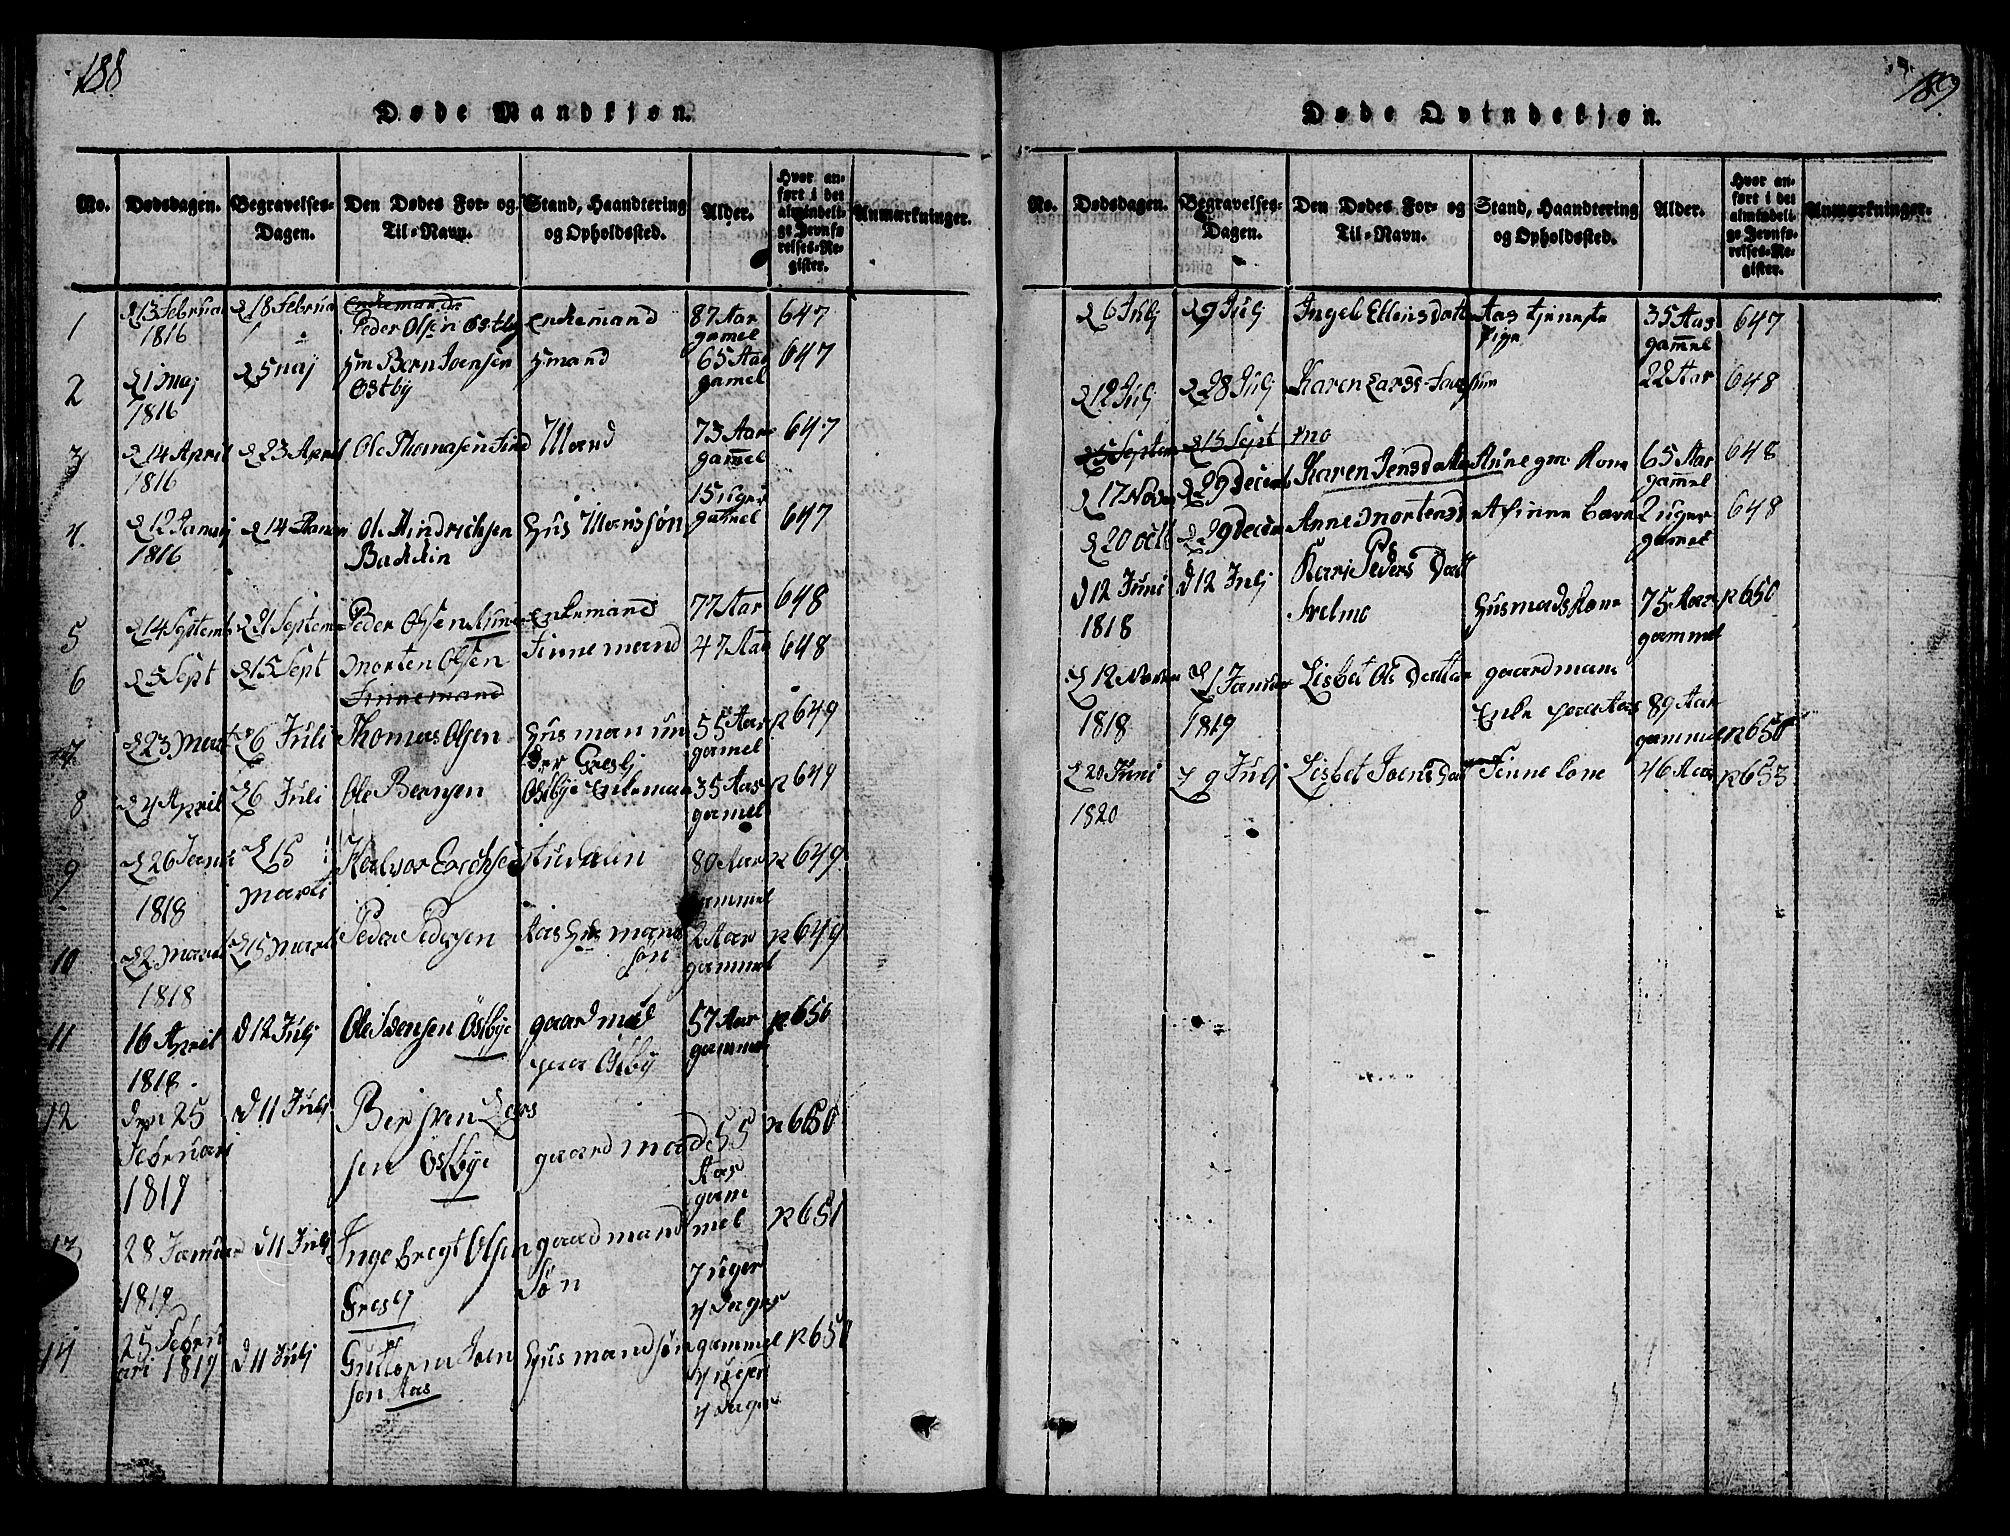 SAT, Ministerialprotokoller, klokkerbøker og fødselsregistre - Sør-Trøndelag, 698/L1164: Klokkerbok nr. 698C01, 1816-1861, s. 188-189